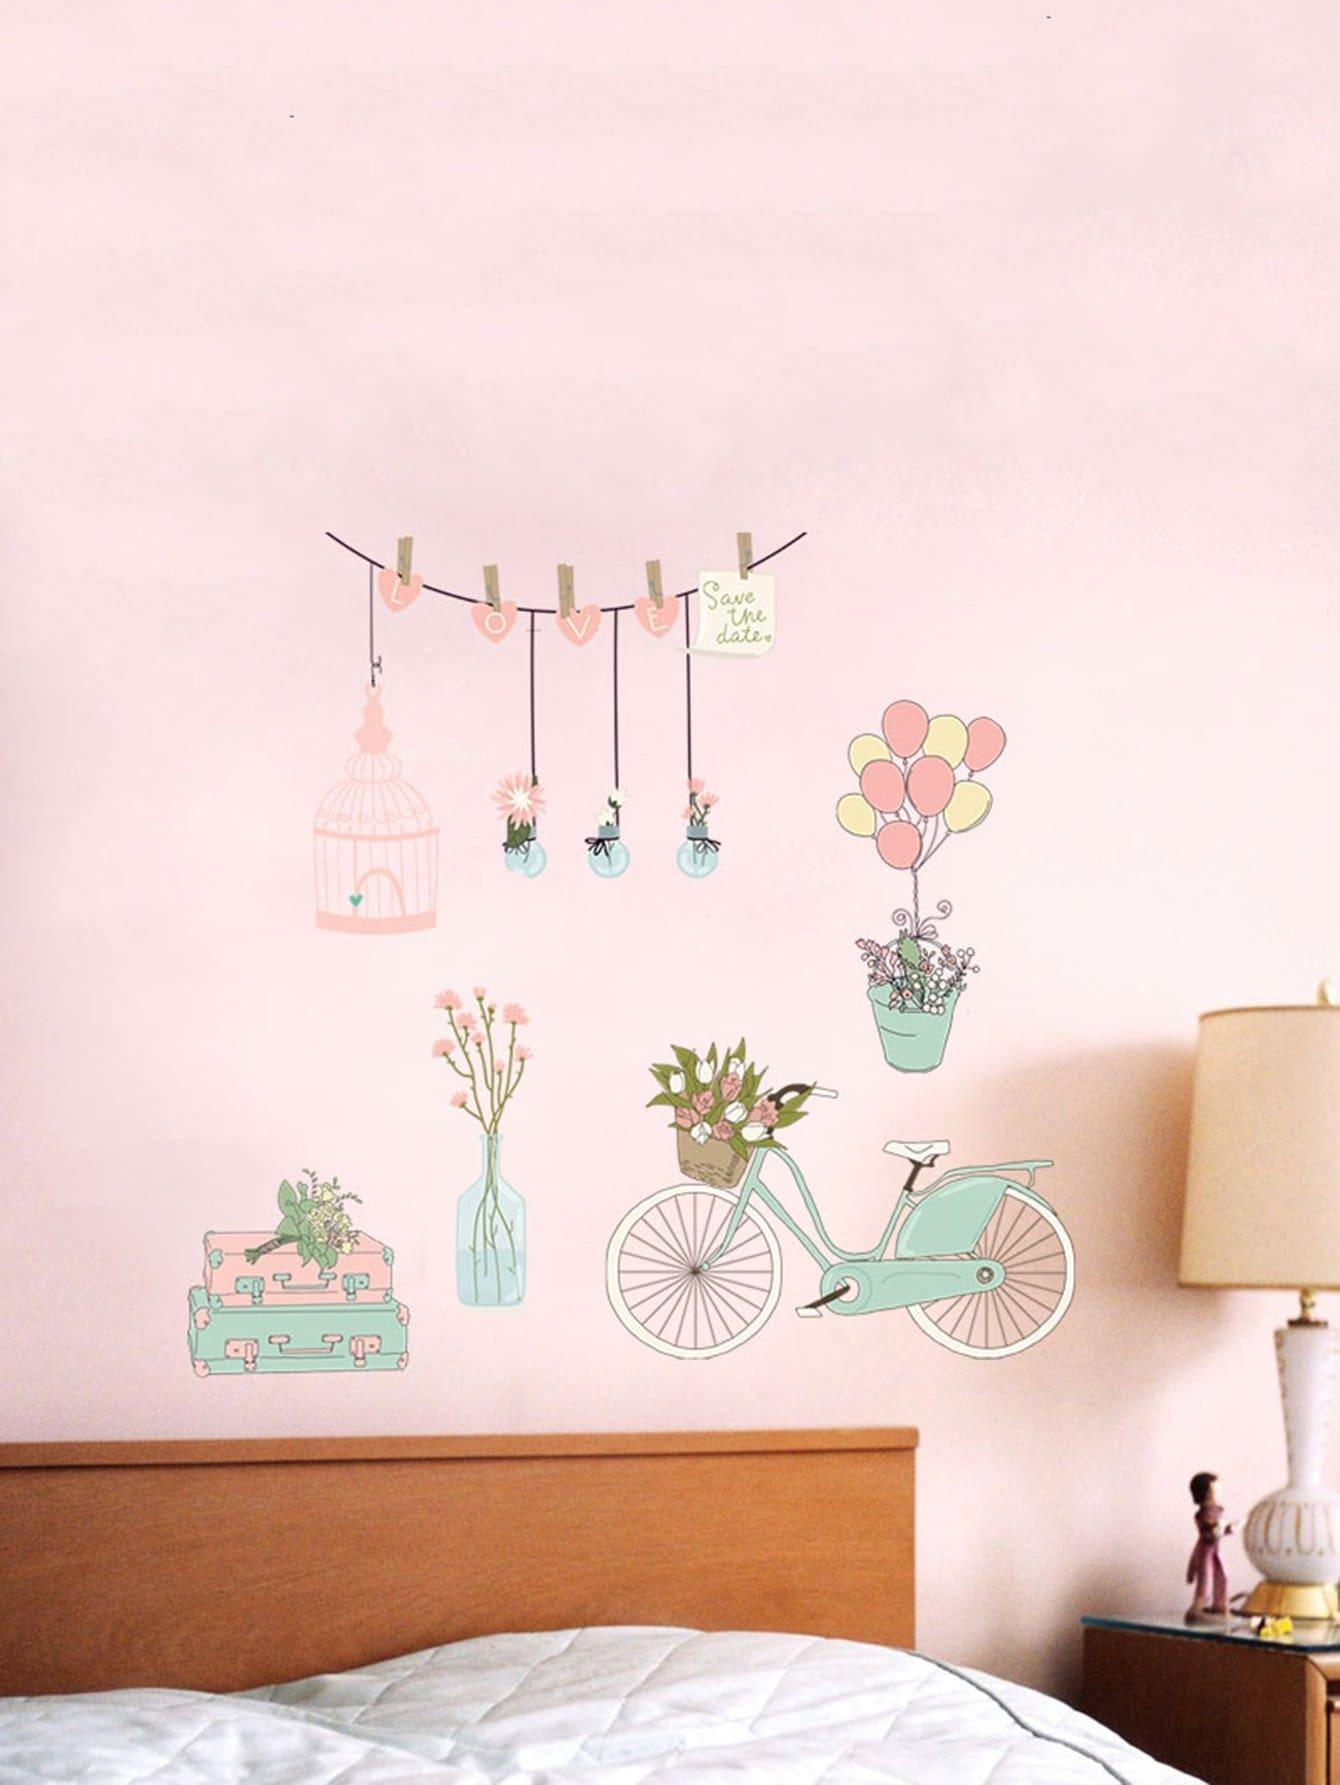 Купить 3D самоклеящиеся цветочные & велосипед стены стикер, null, SheIn